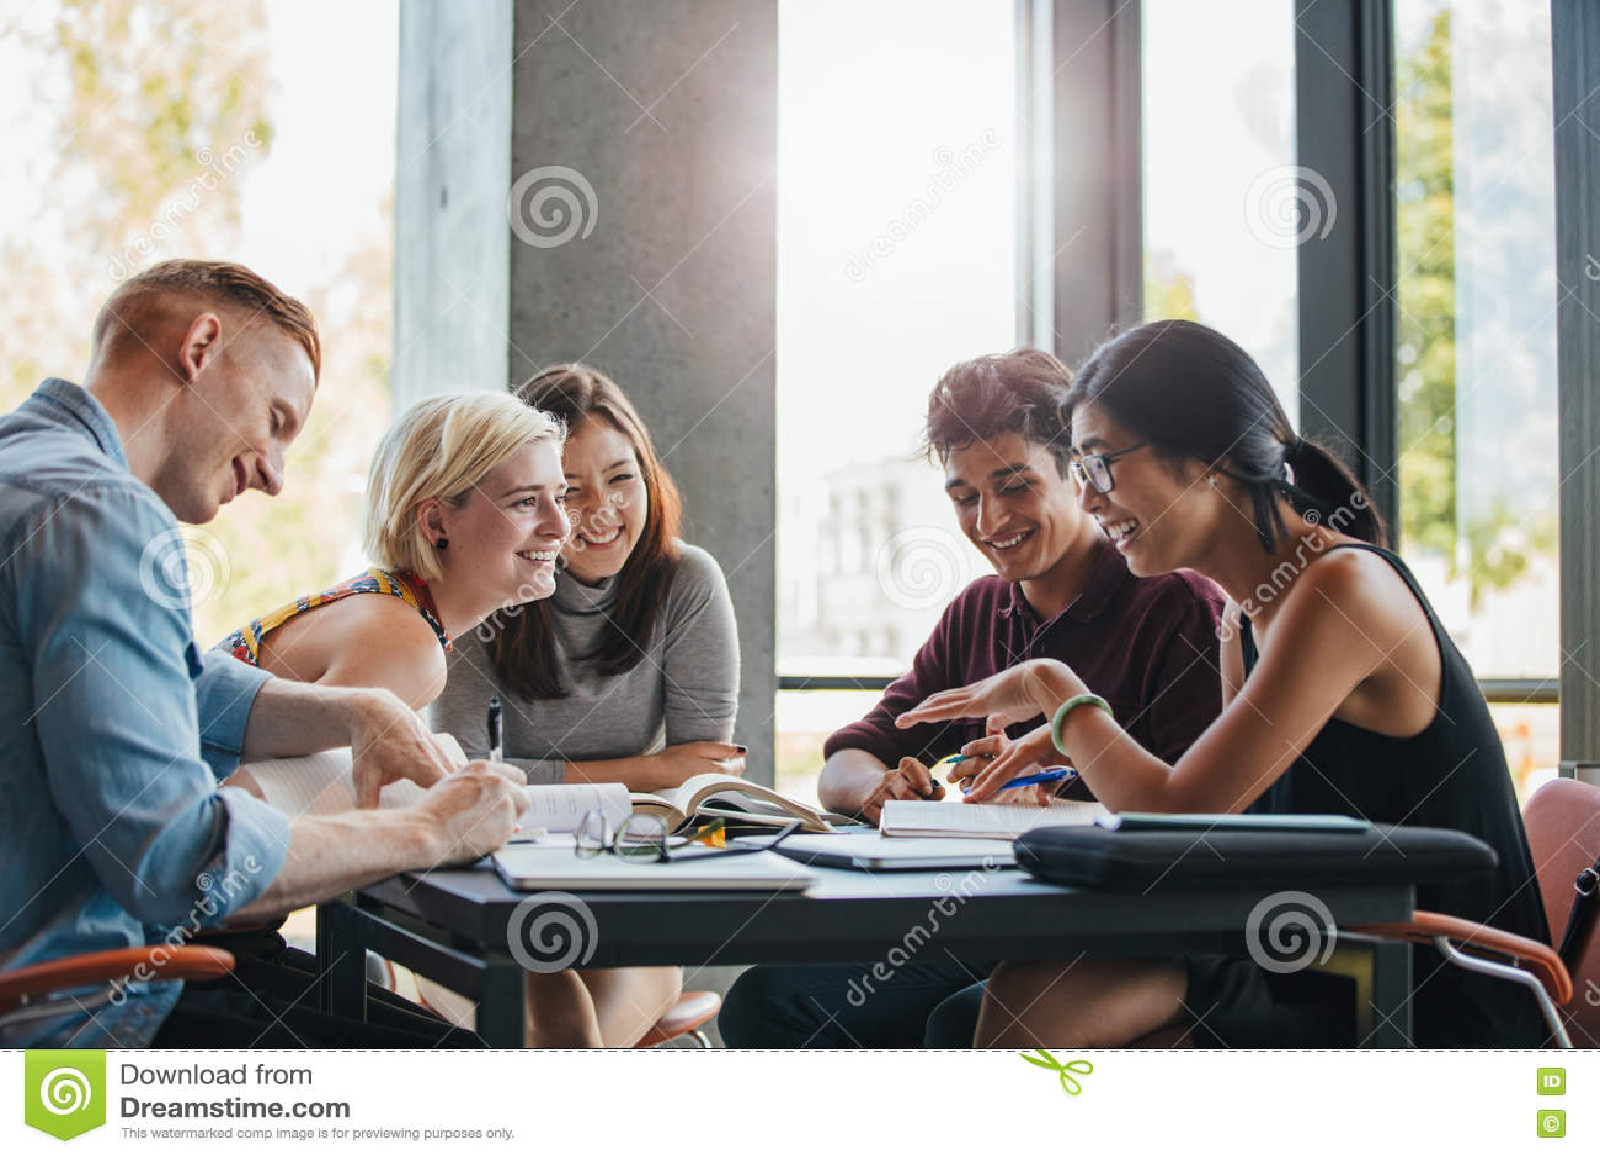 Estudiantes que estudian en biblioteca de universidad